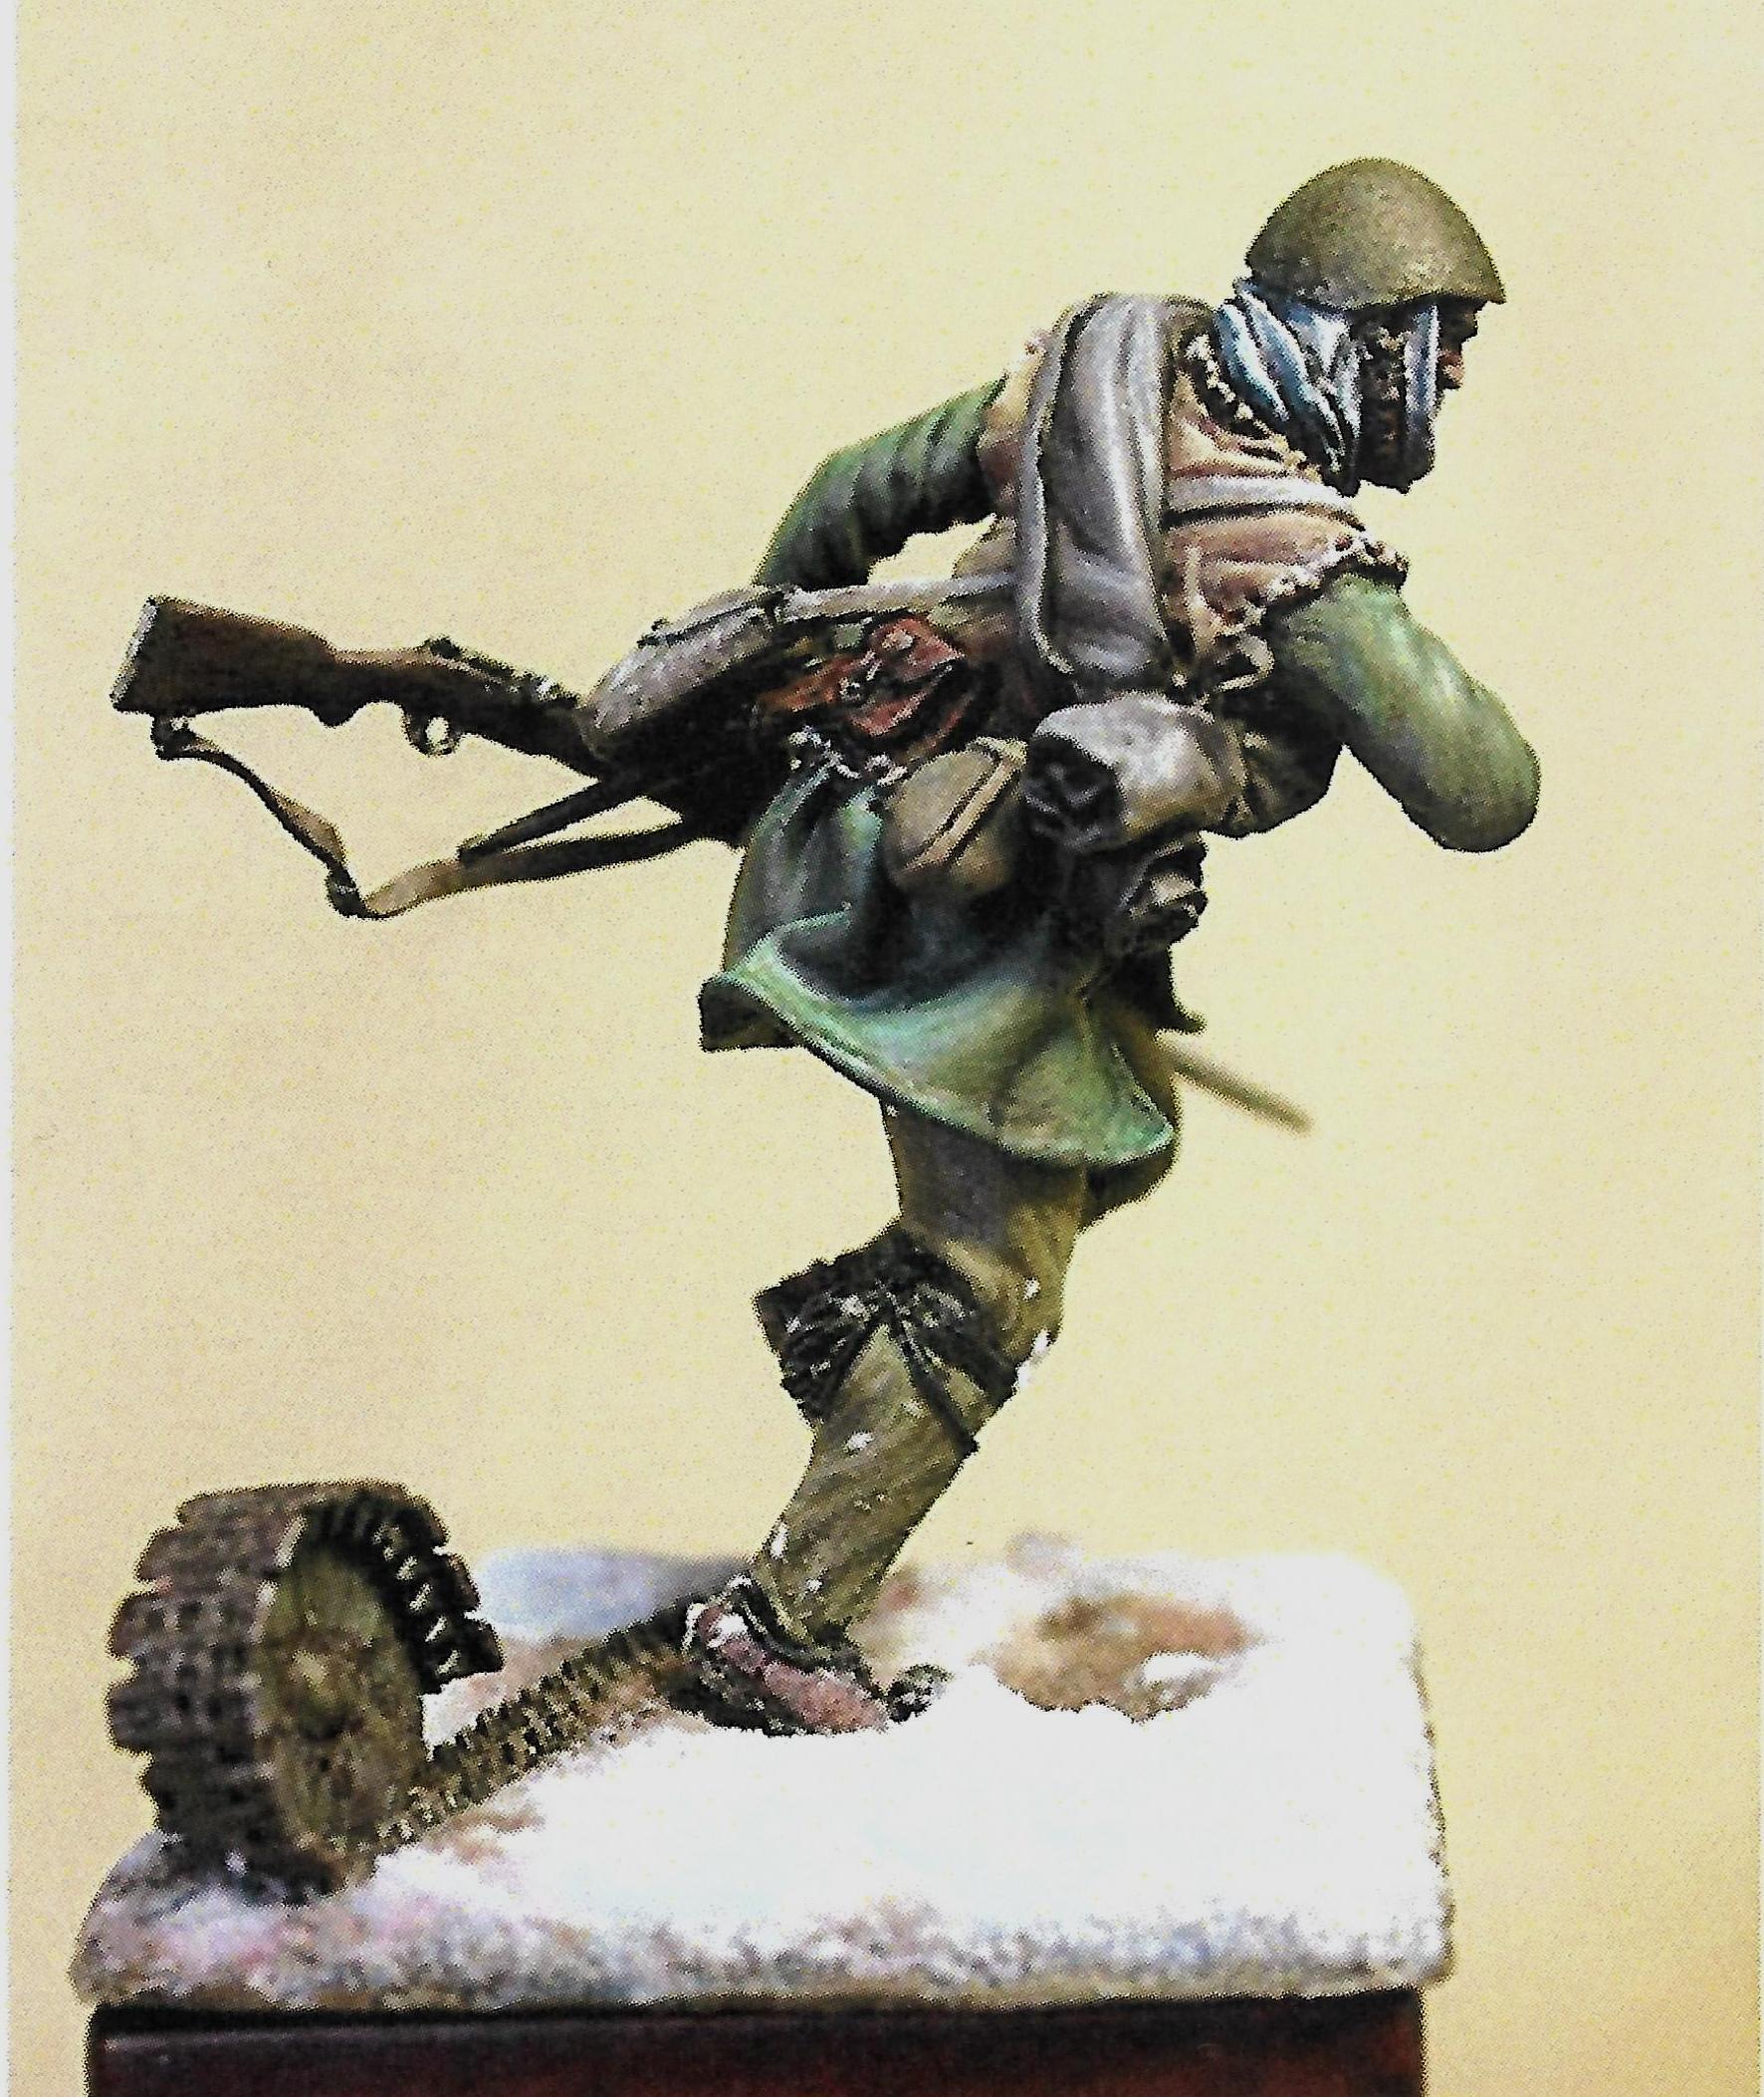 Evzone, WWII ,1940, Greek army,Ευζωνας , Πόλεμος 1940,